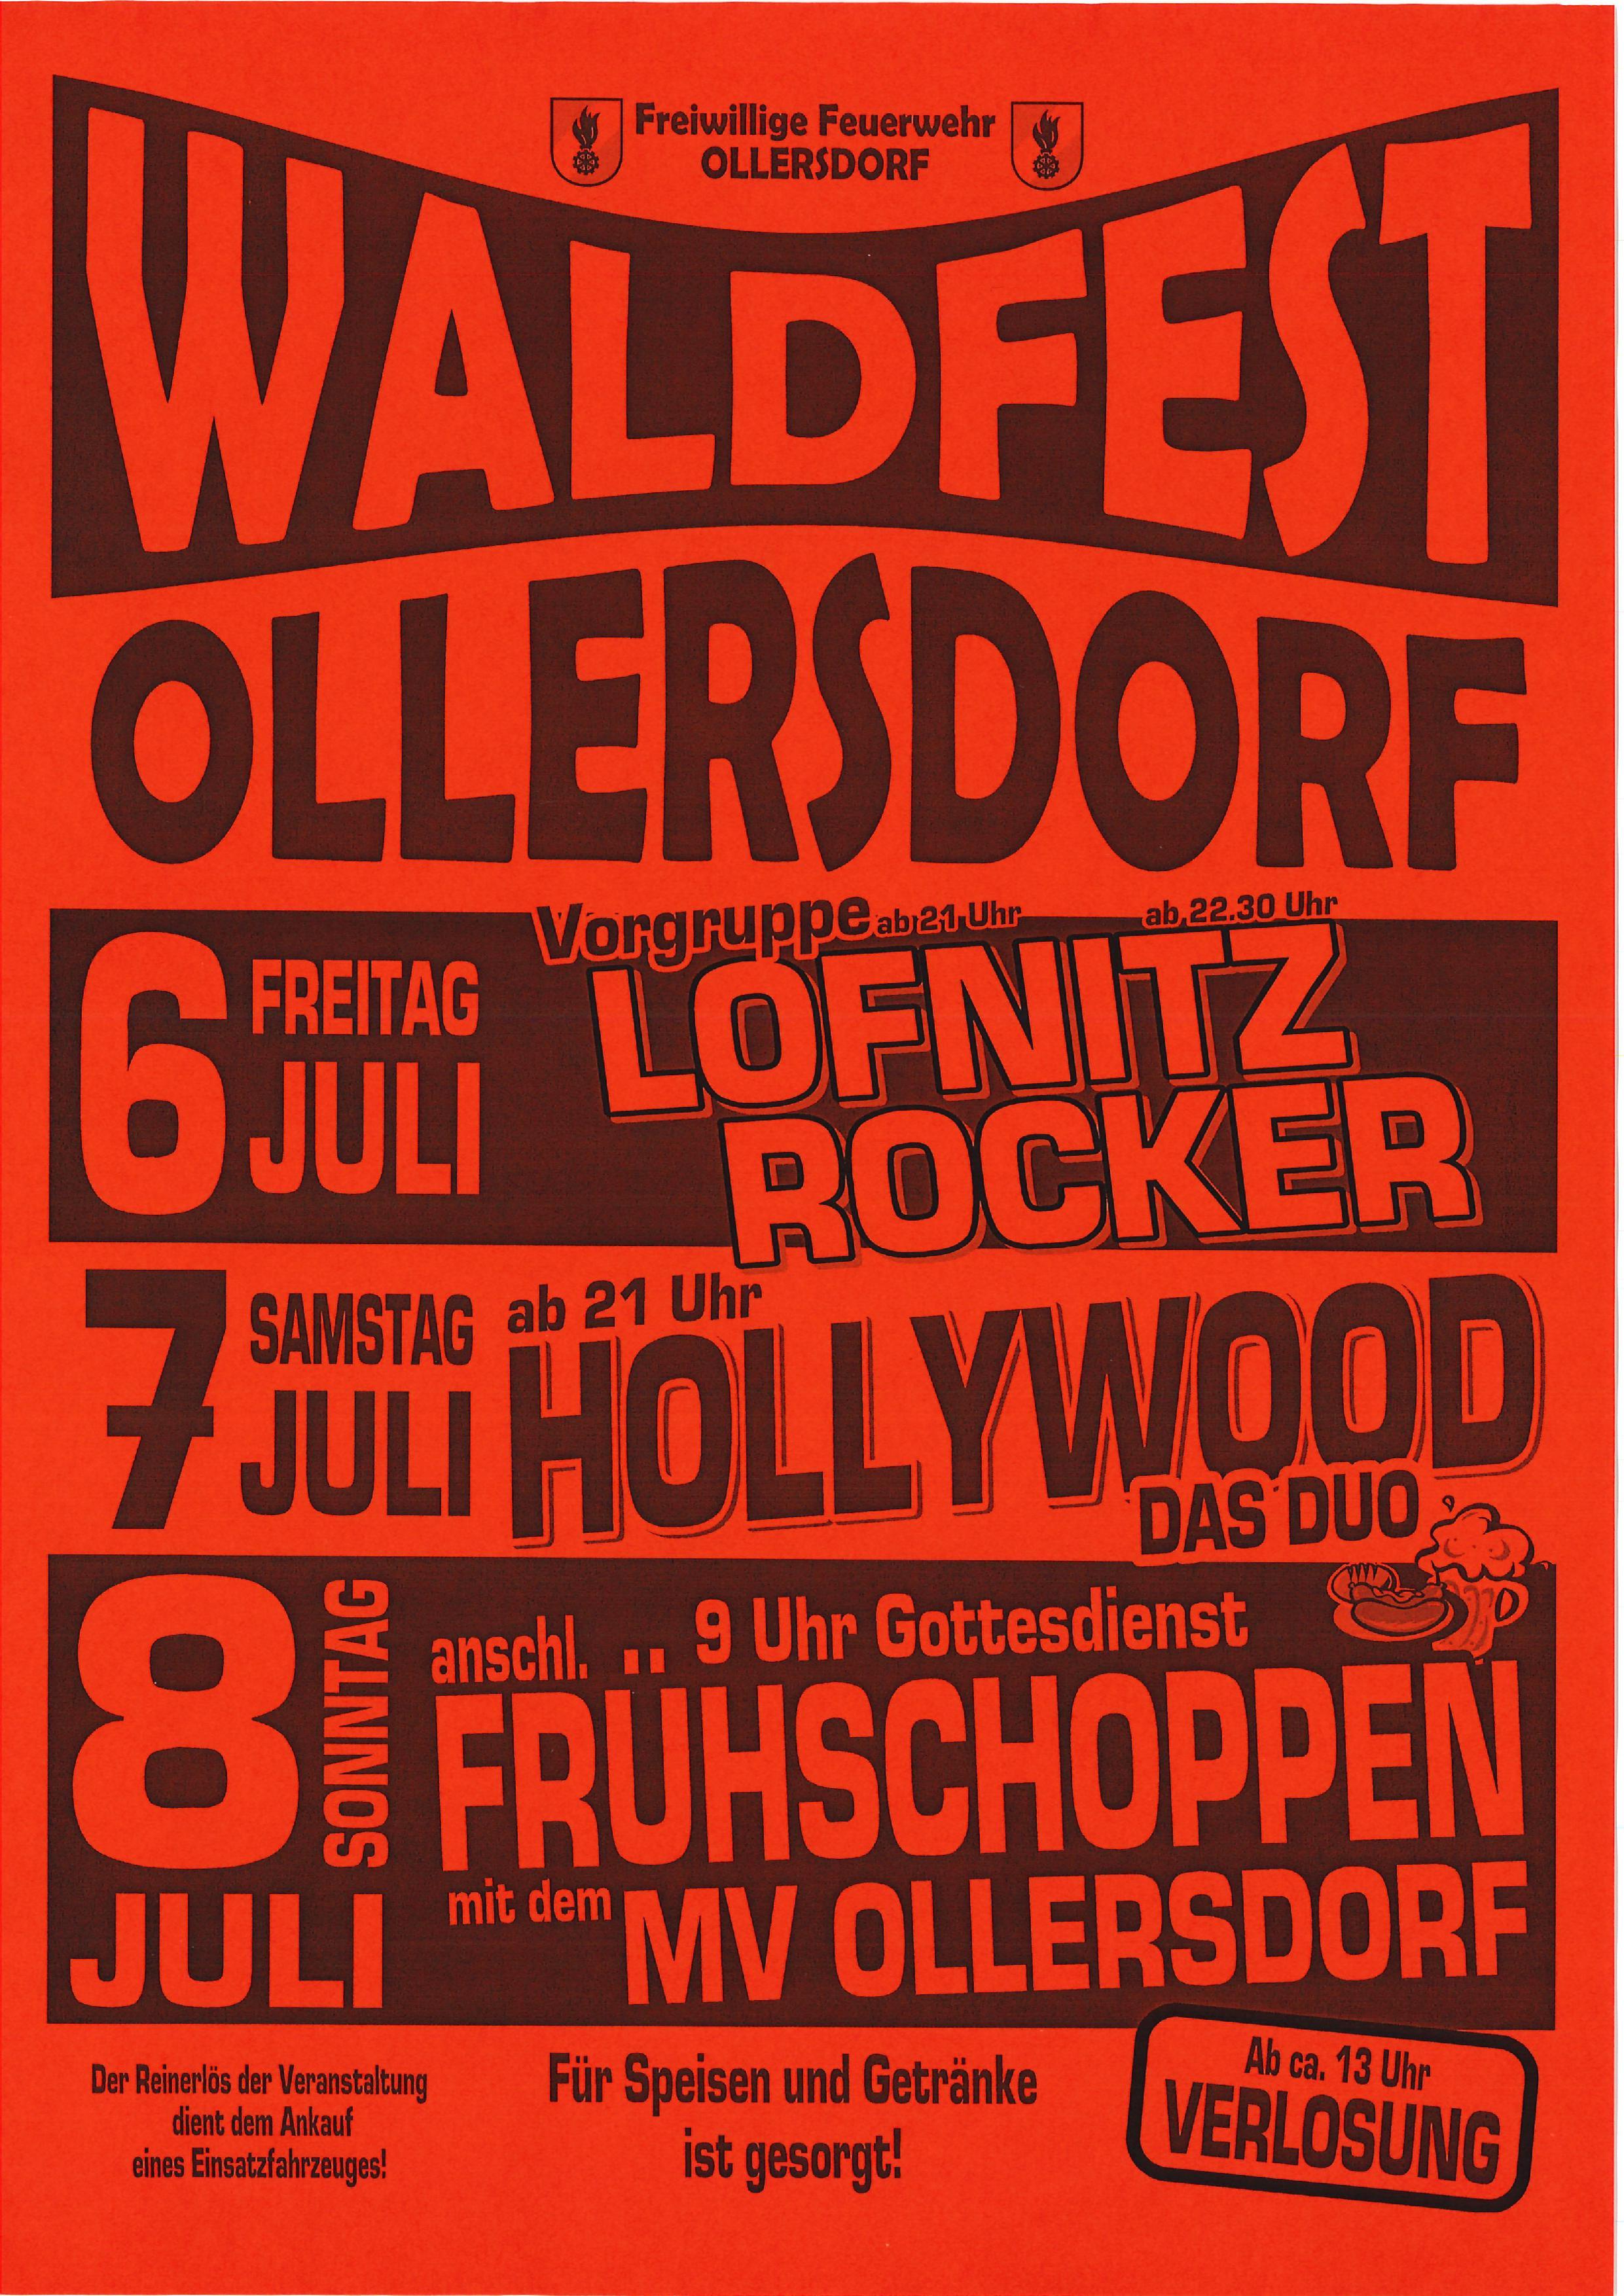 2018 07 06 – 2018 07 08 WALDFEST FF OLLERSDORF